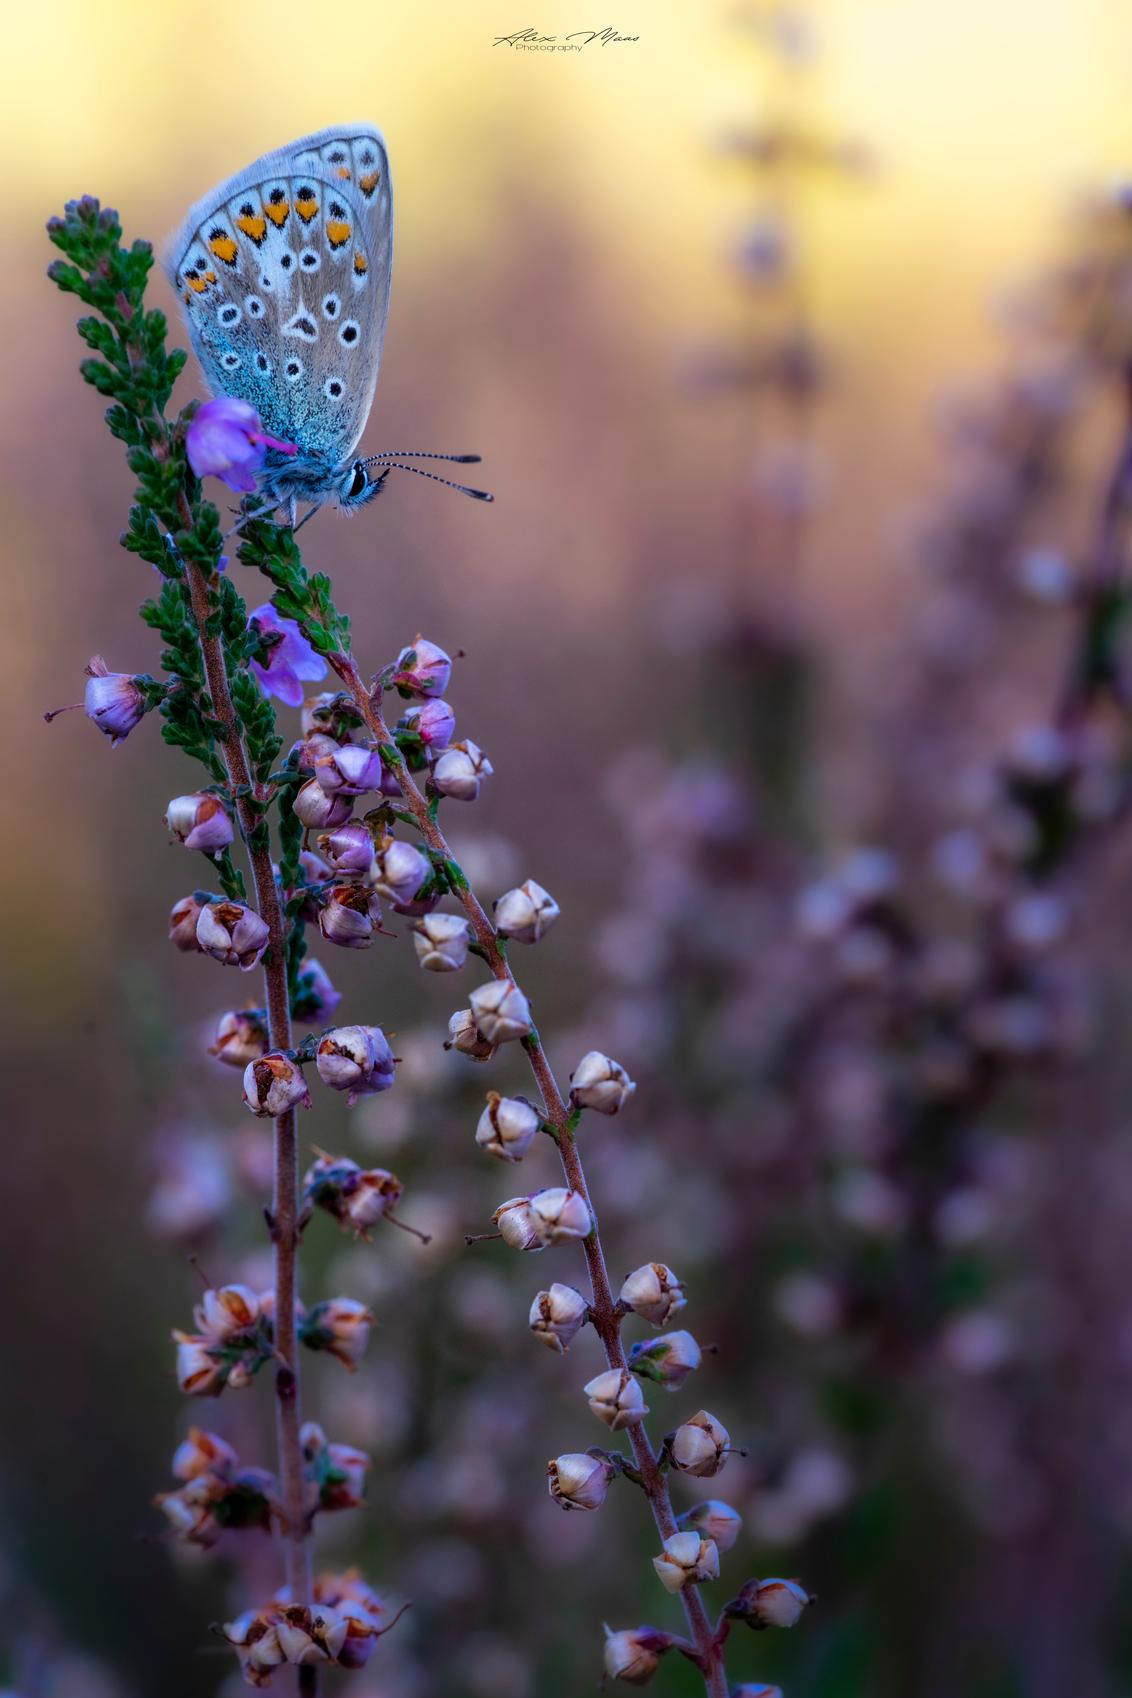 Icarus - - - foto door Alex-Maas1 op 23-09-2020 - deze foto bevat: roze, groen, paars, macro, blauw, zon, bloem, natuur, vlinder, bruin, blauwtje, geel, licht, oranje, zwart, tegenlicht, zomer, insect, dauw, dof, bokeh